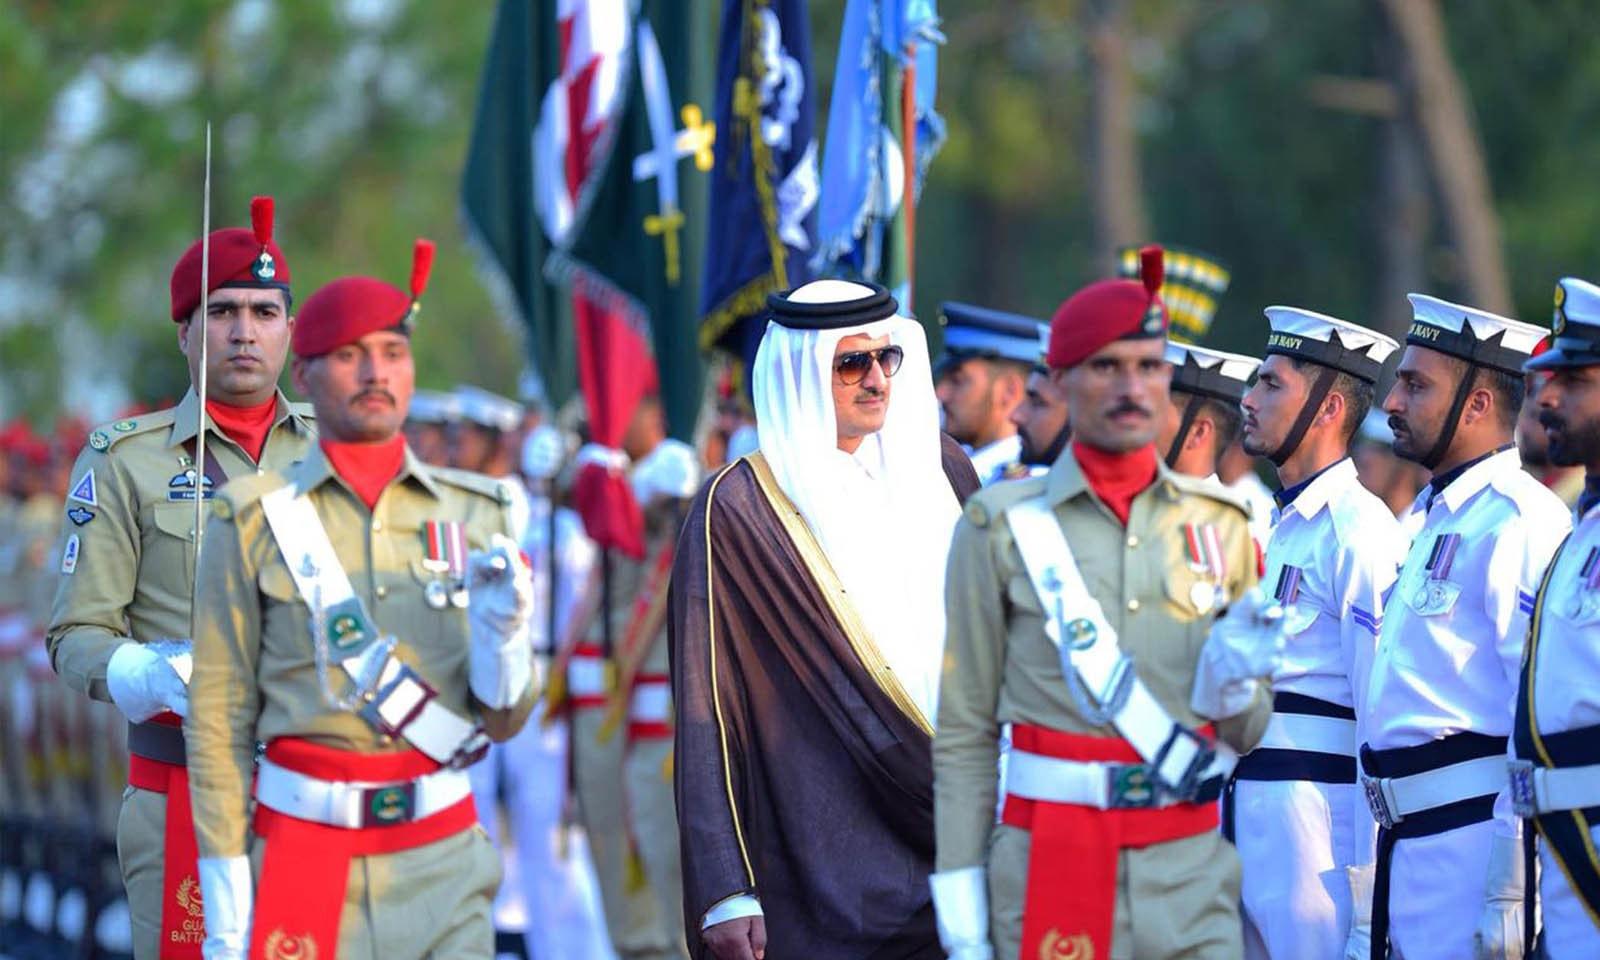 شیخ تمیم بن حمد الثانی کو وزیر اعظم ہاؤس میں گارڈ آف آنر بھی پیش کیا گیا — فوٹو: اے ایف پی